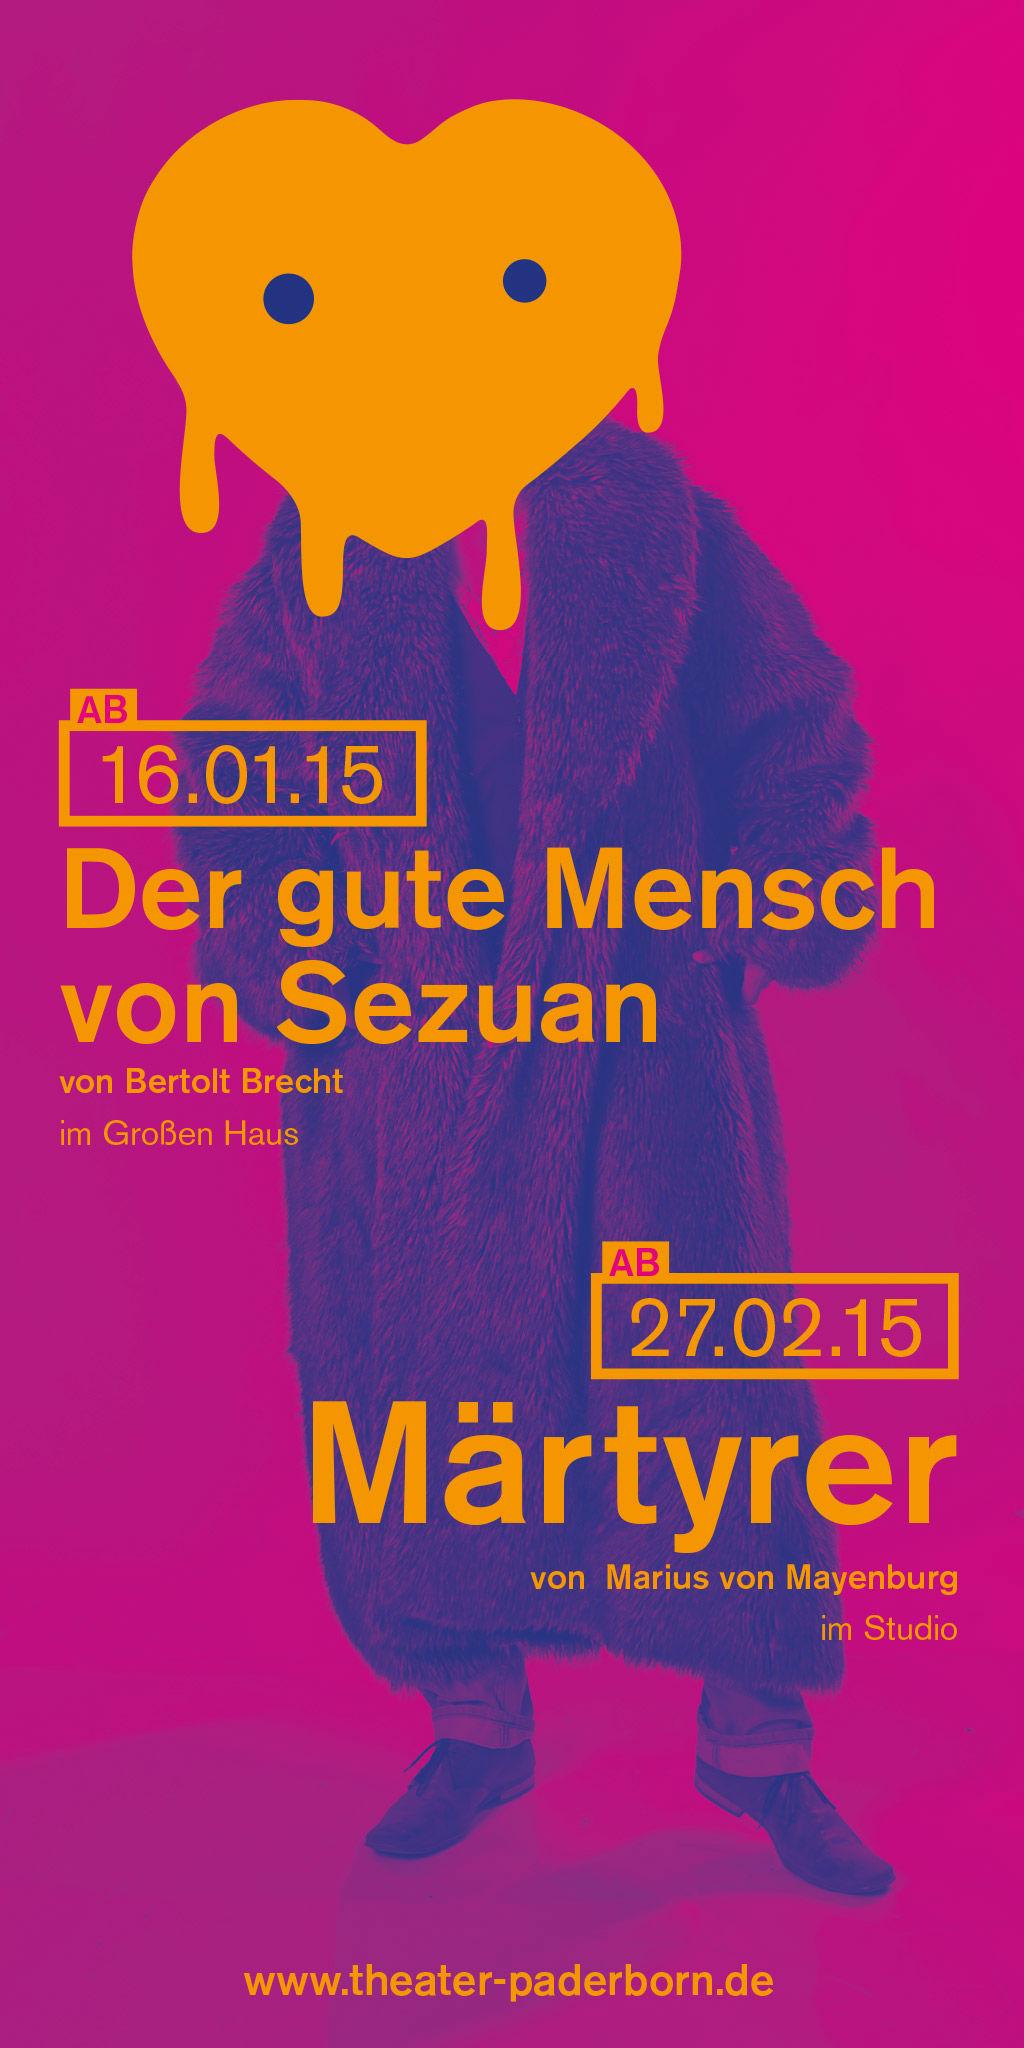 Kleon Medugorac Theater Paderborn Anzeige